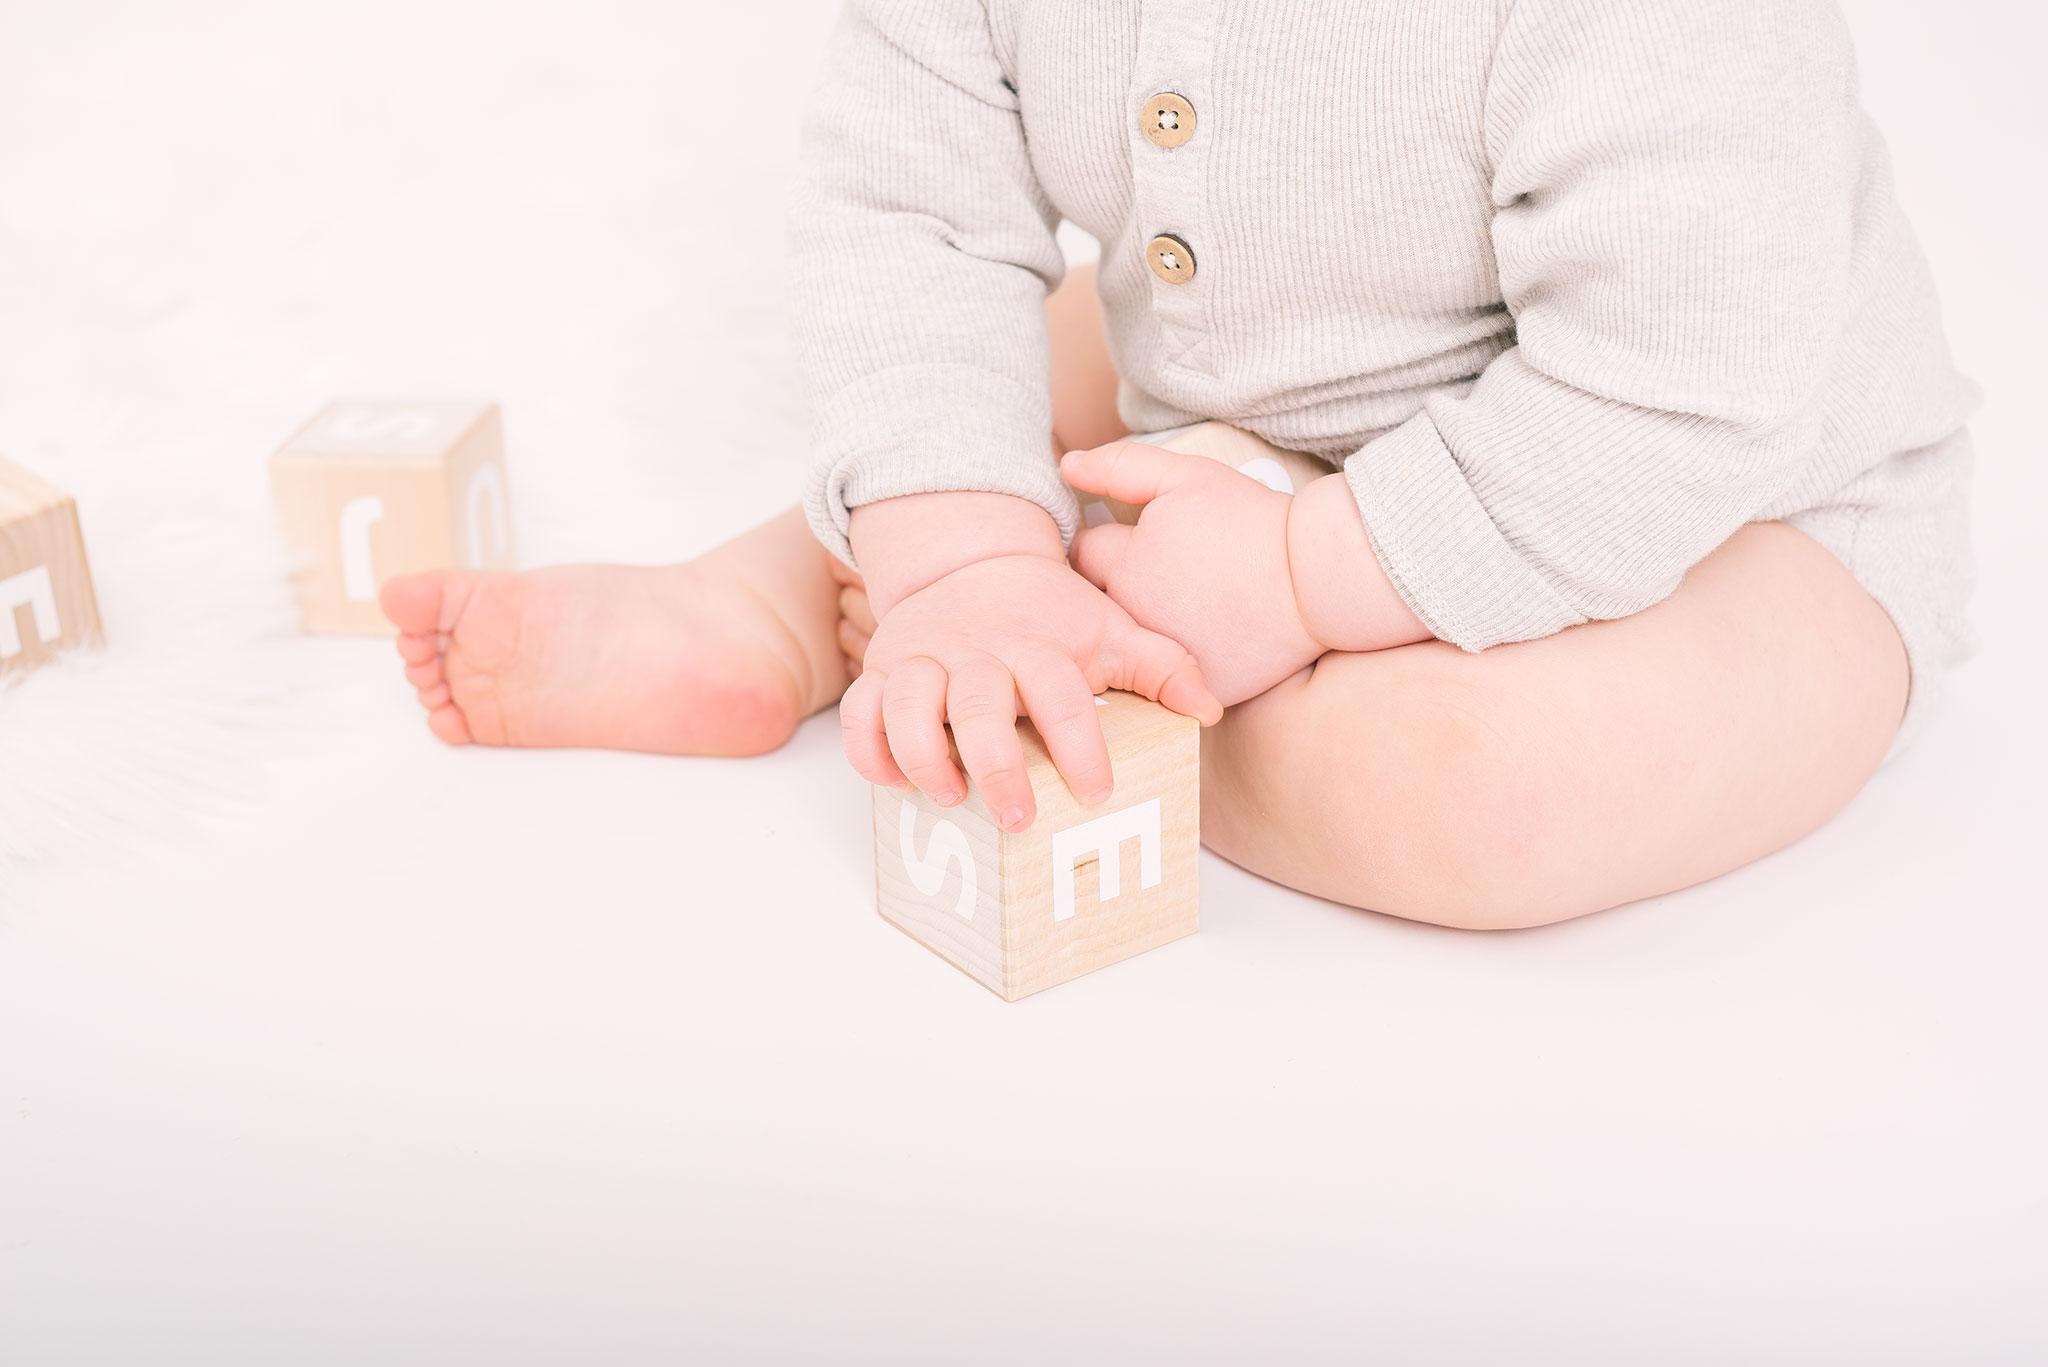 barnfotografering_fotostudio_eksjo